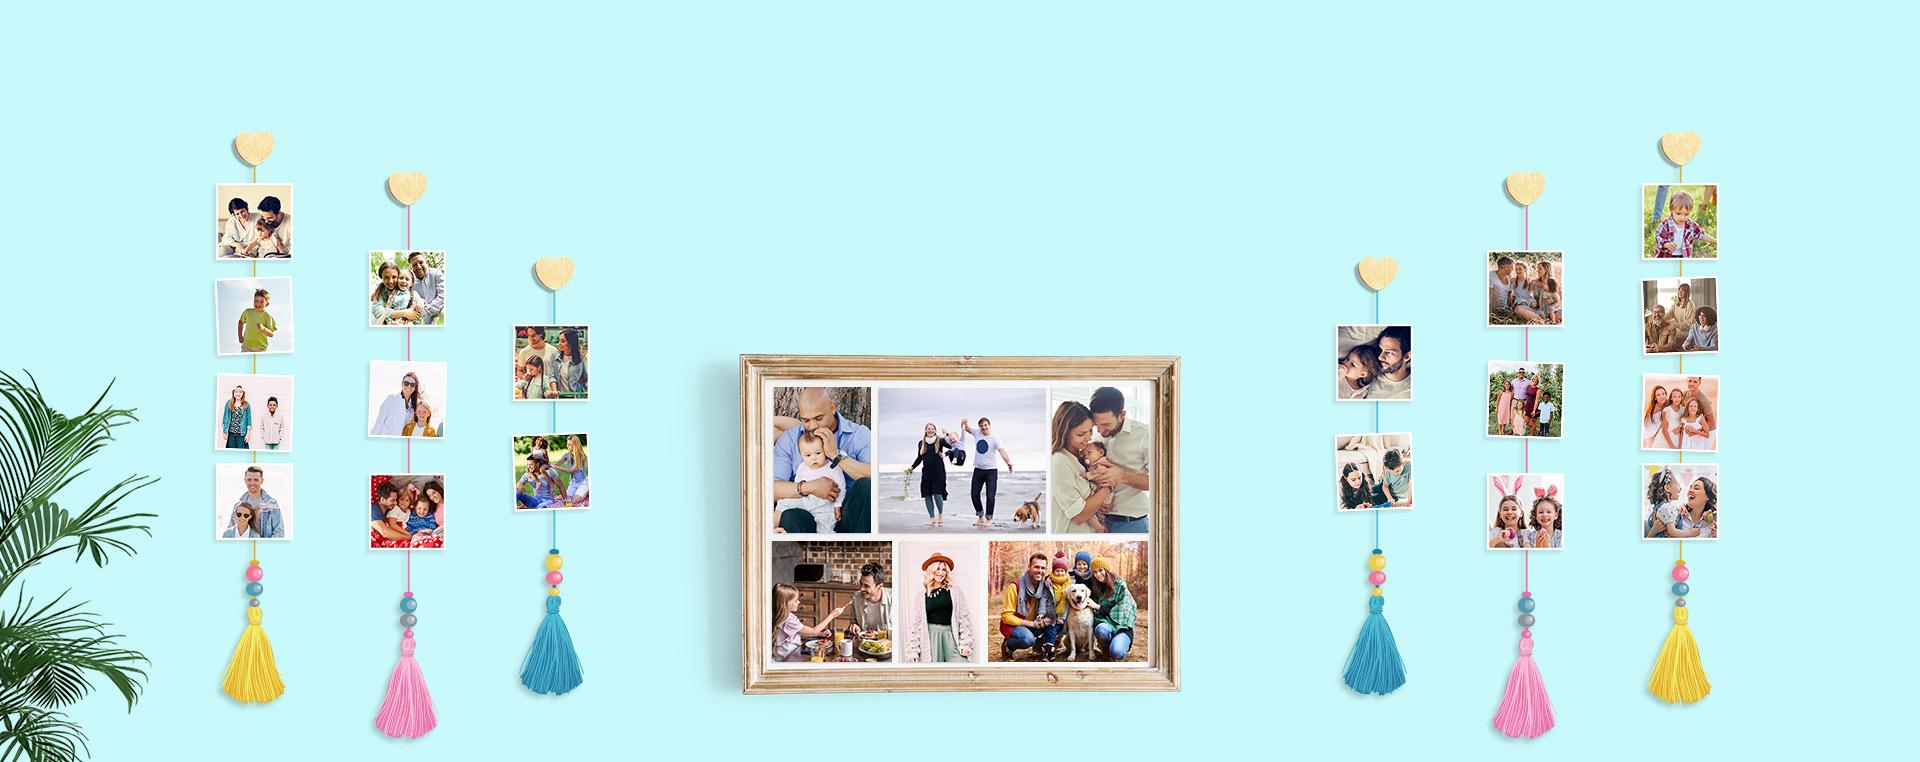 Impression photo de haute qualité en ligne - Picsy